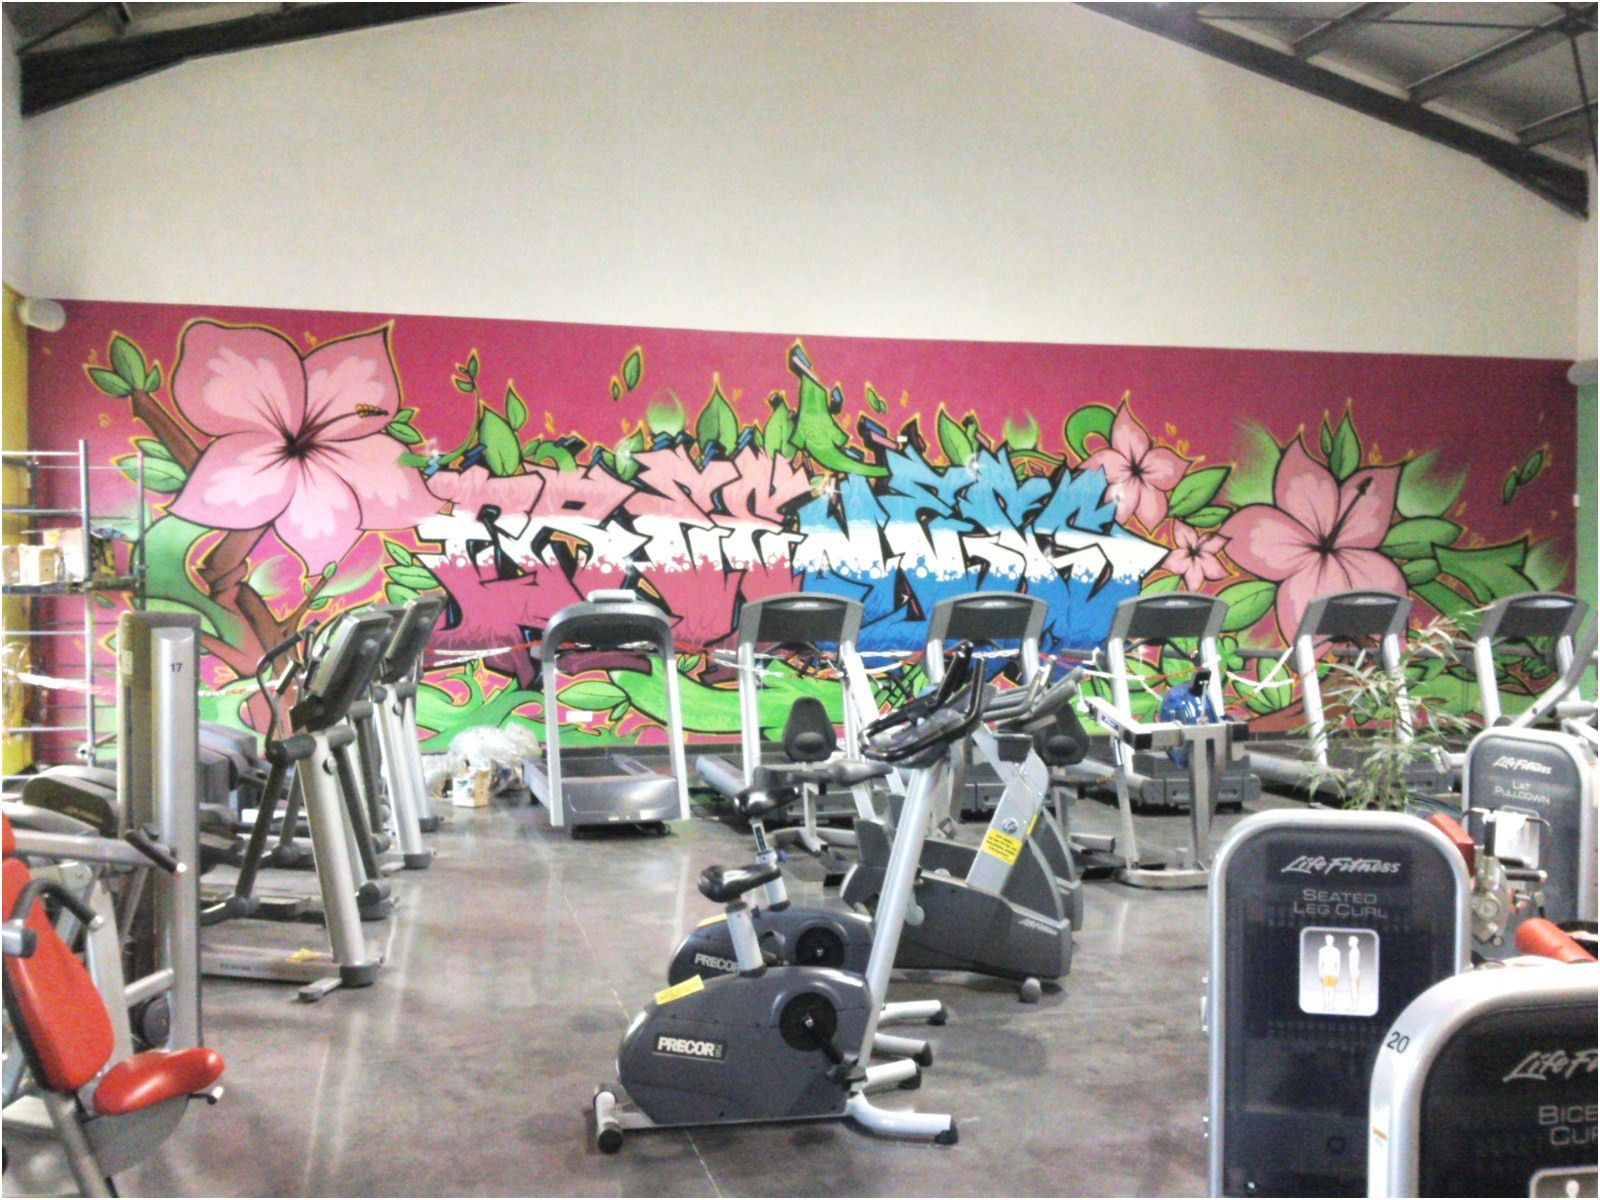 Gymnastique A Faire Chez Soi faire une salle de sport chez soi | gym equipment, gym, sports